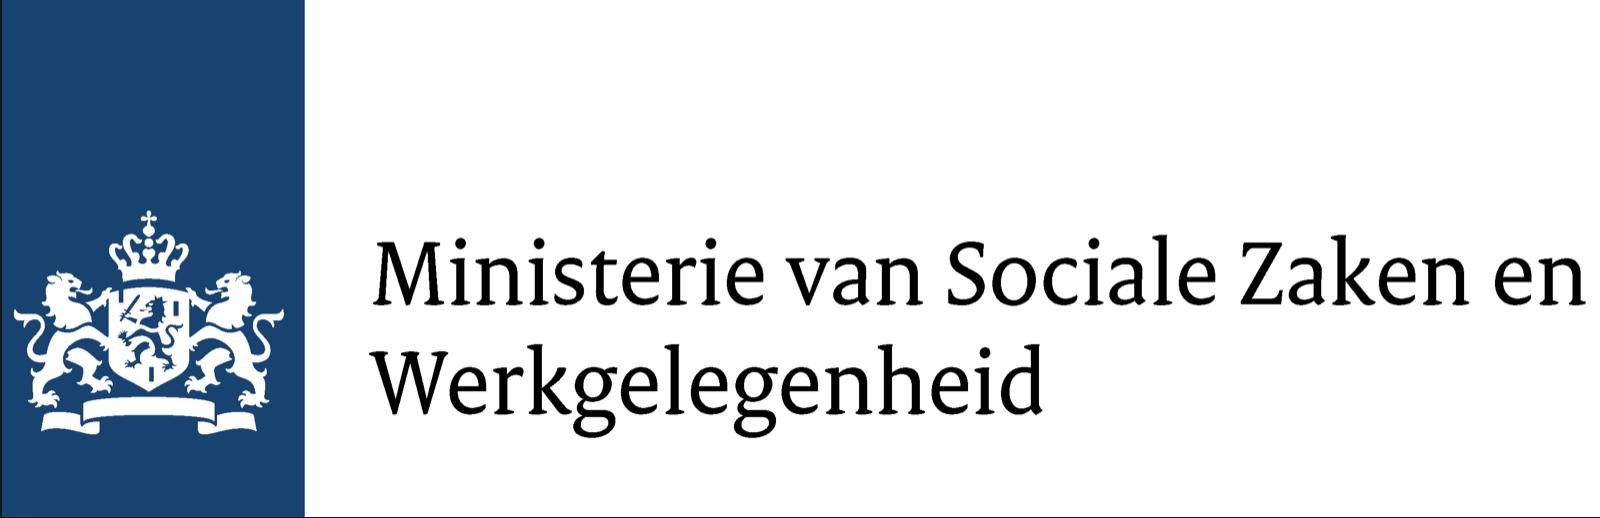 Ministerie_van_Sociale_Zaken_en_Werkgelegenheid